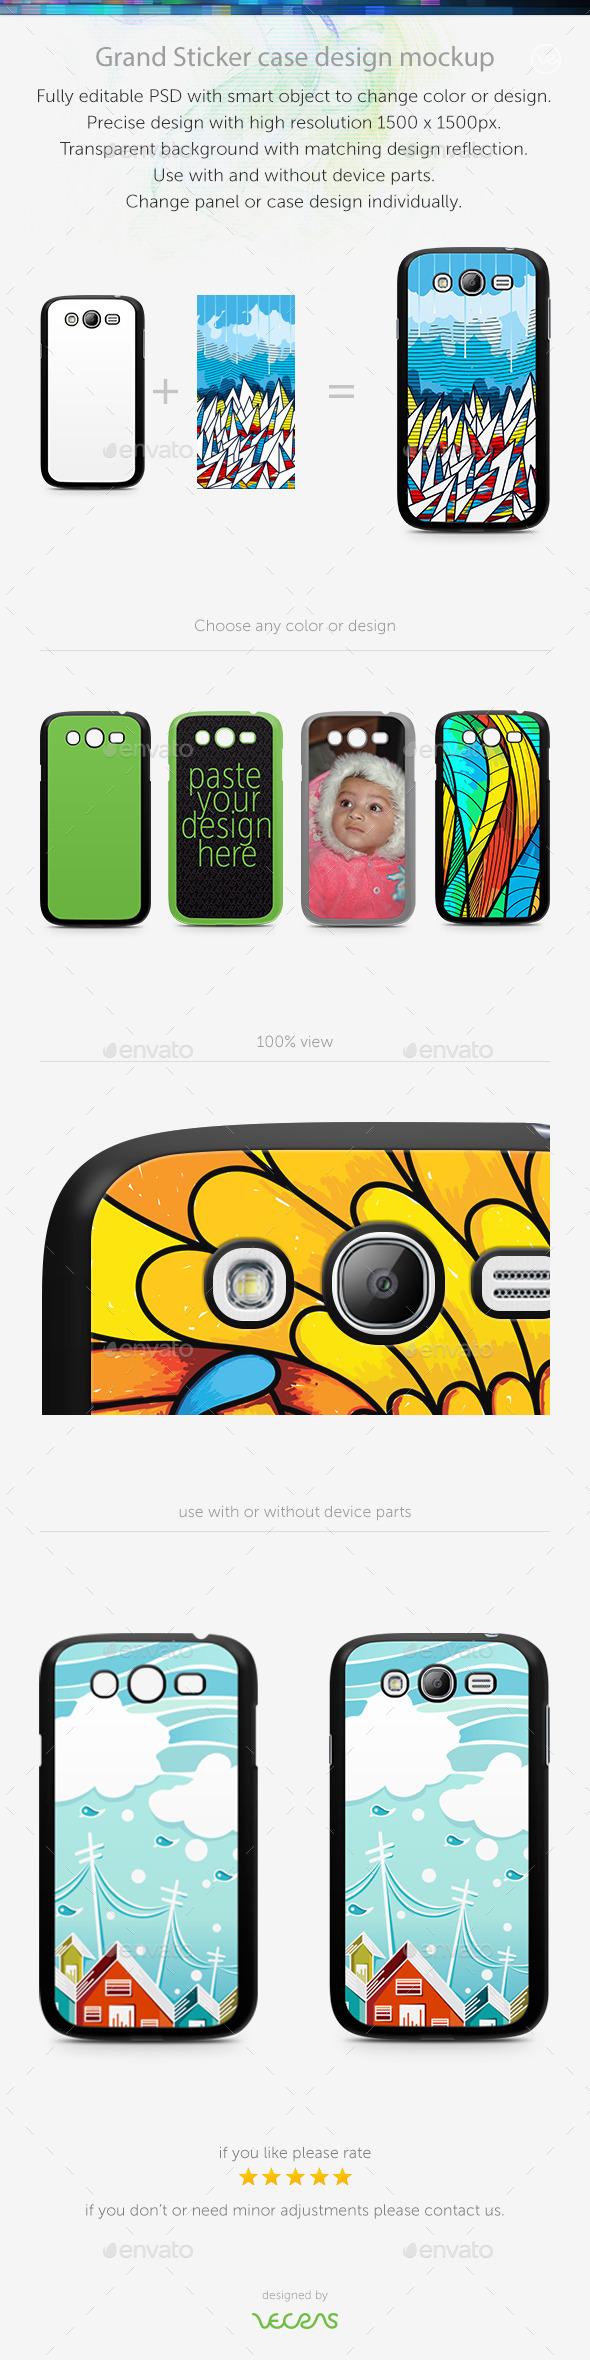 Grand Sticker Case Design Mockup - Mobile Displays